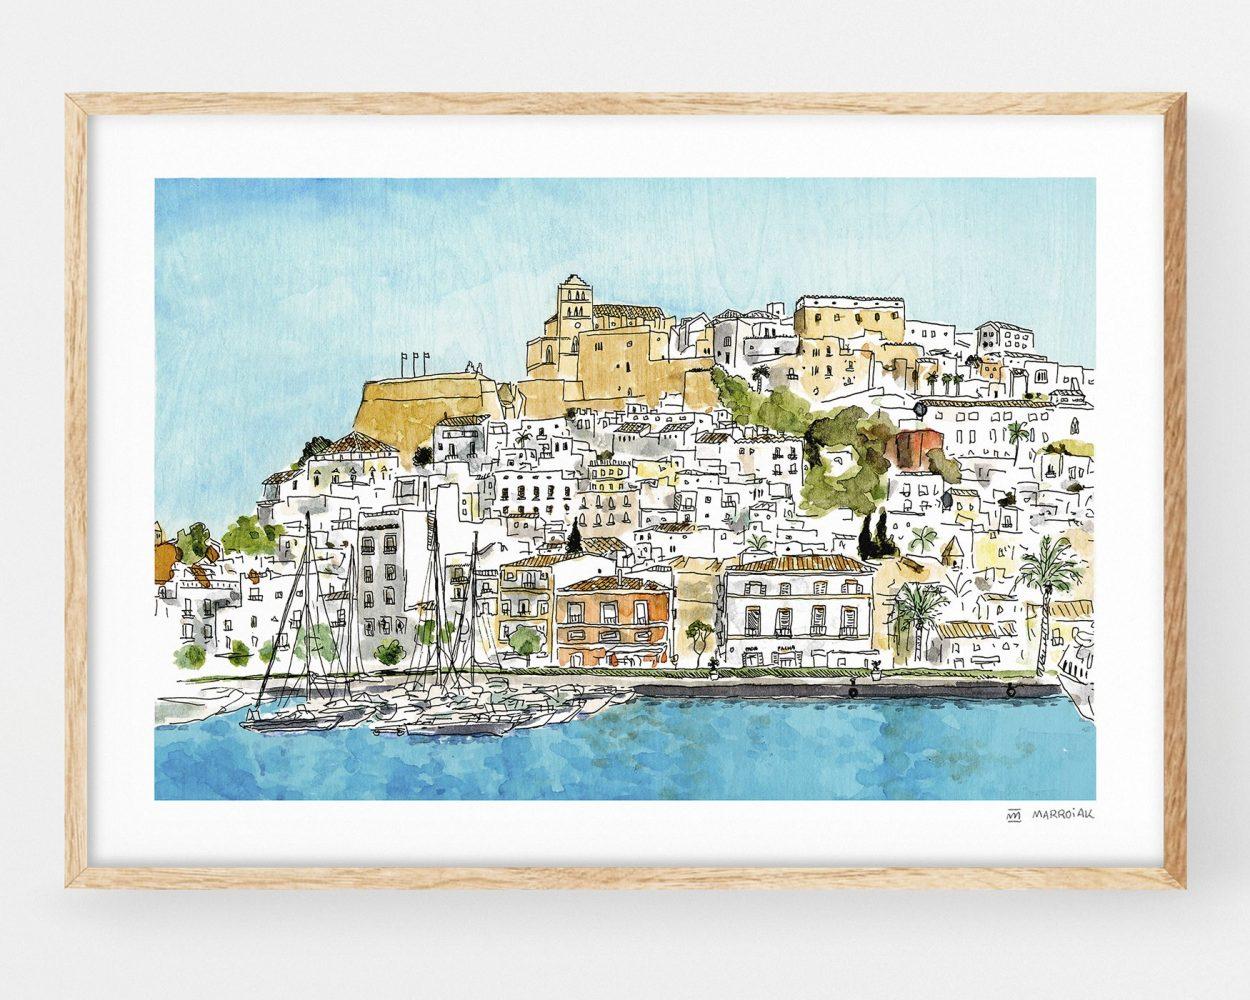 Lámina print de ibiza con un dibujo de Dalt Vila. Ilustracion en acuarela y tinta sobre papel. Islas Baleares España